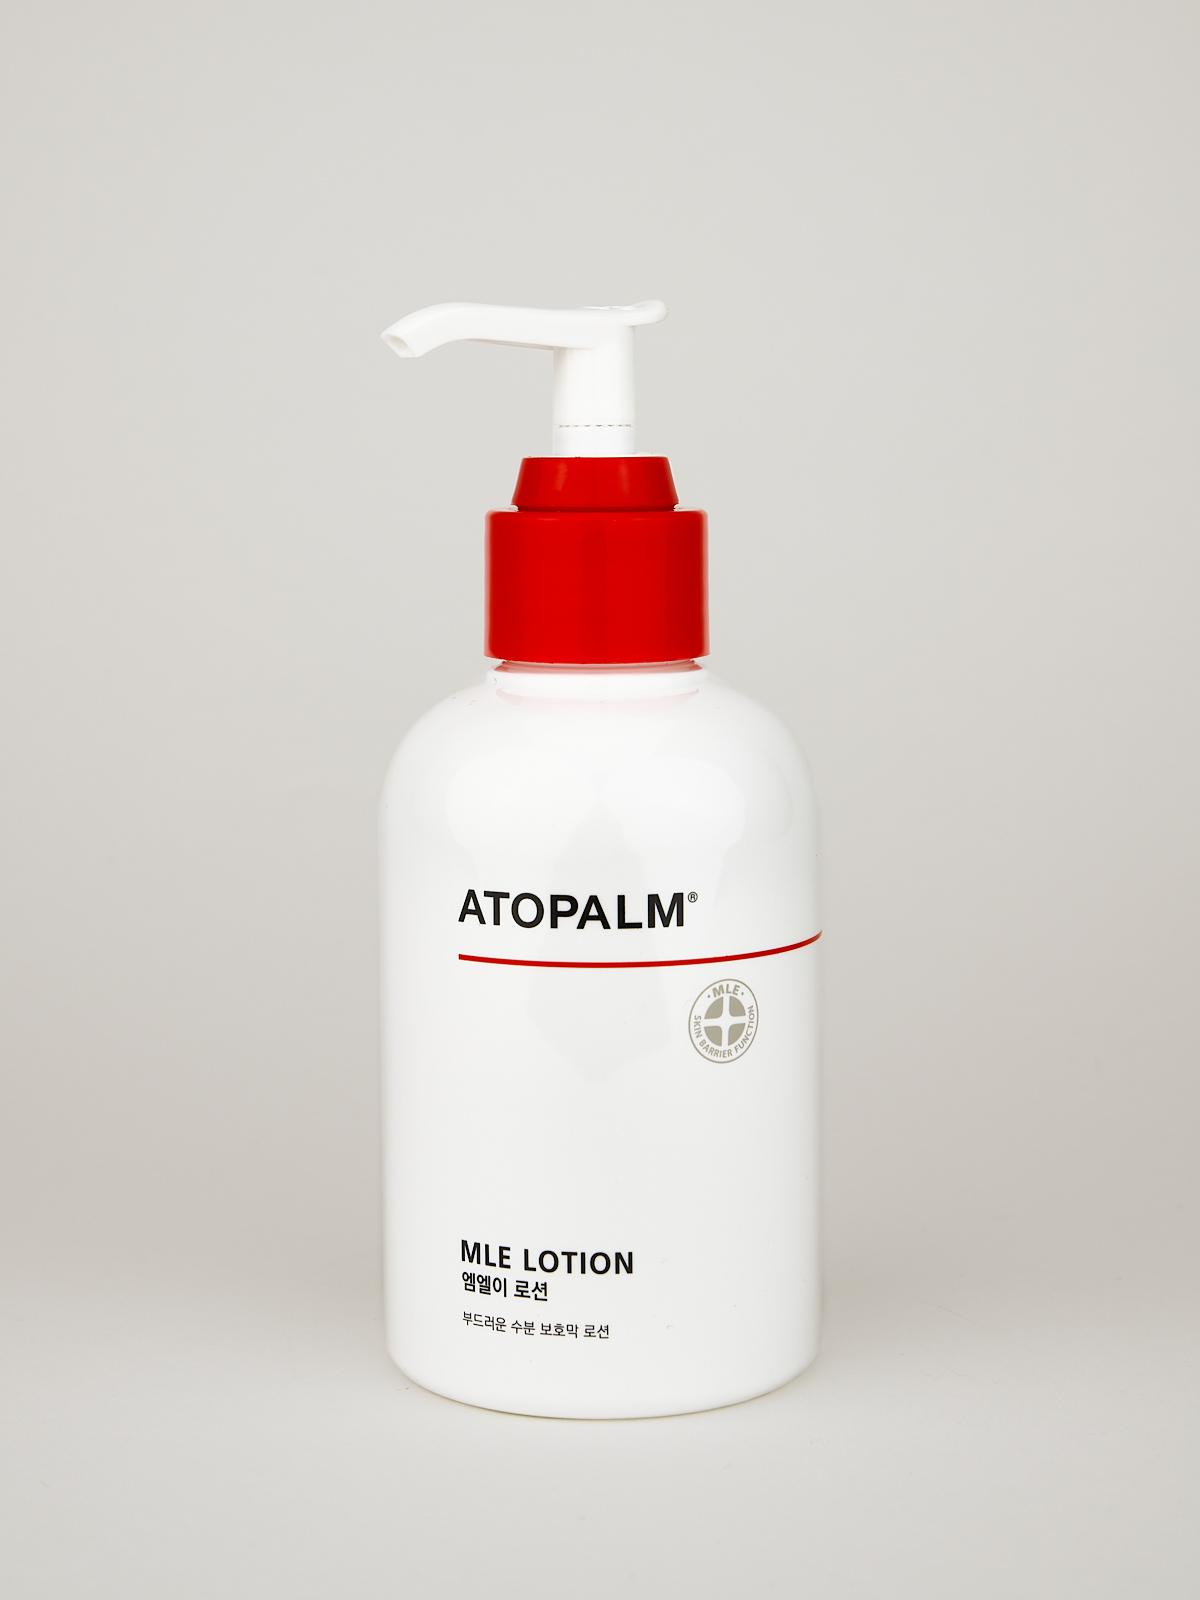 ATOPALM MLE Lotion. Koreanische Body Lotion in weißer Flasche mit schwarzer Schrift, rotem Verschluss und weißem Pump Aufsatz.